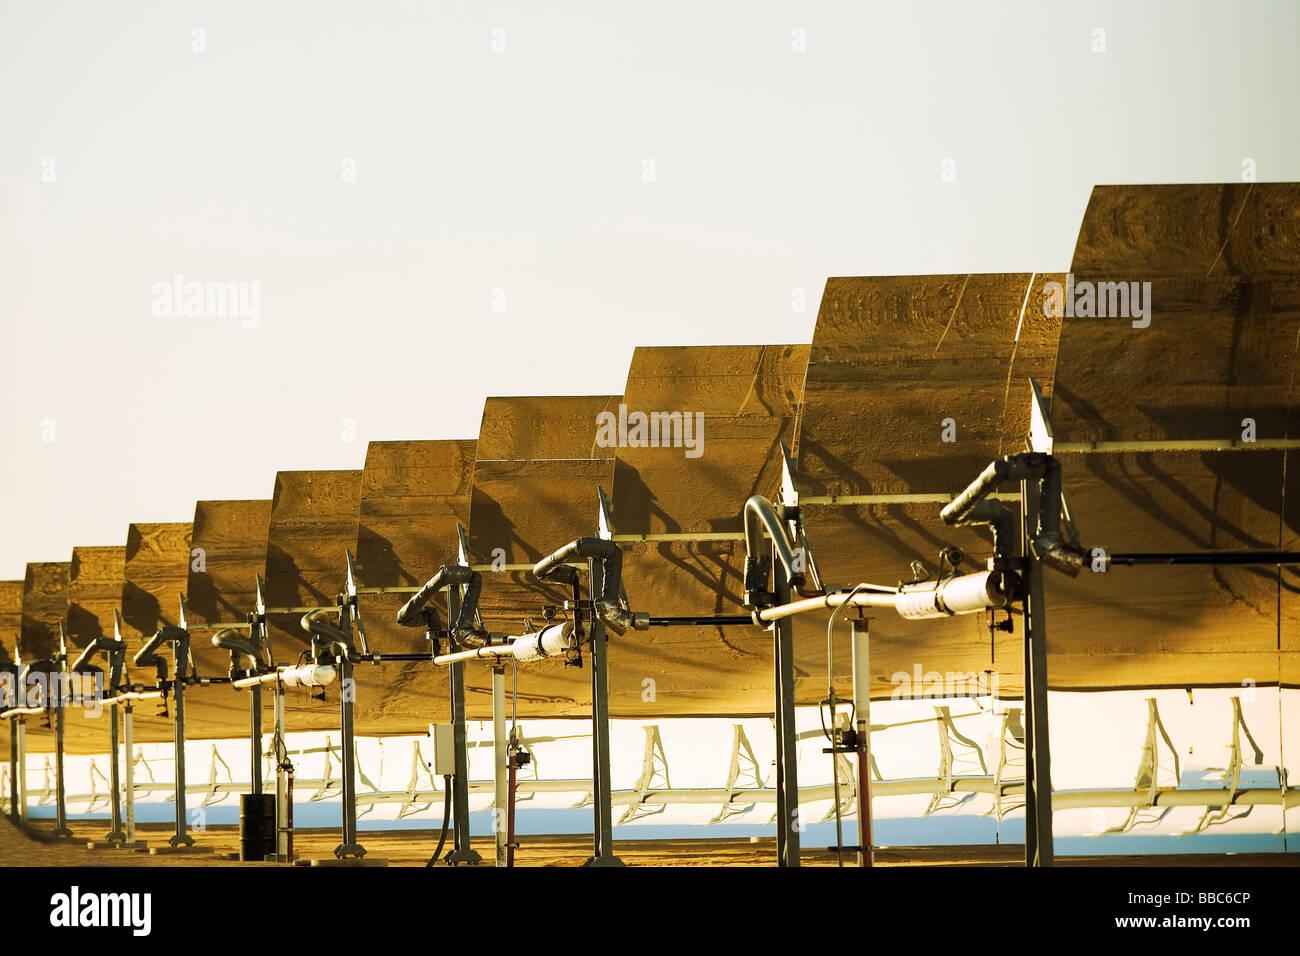 Solar Electric impianti di generazione Immagini Stock